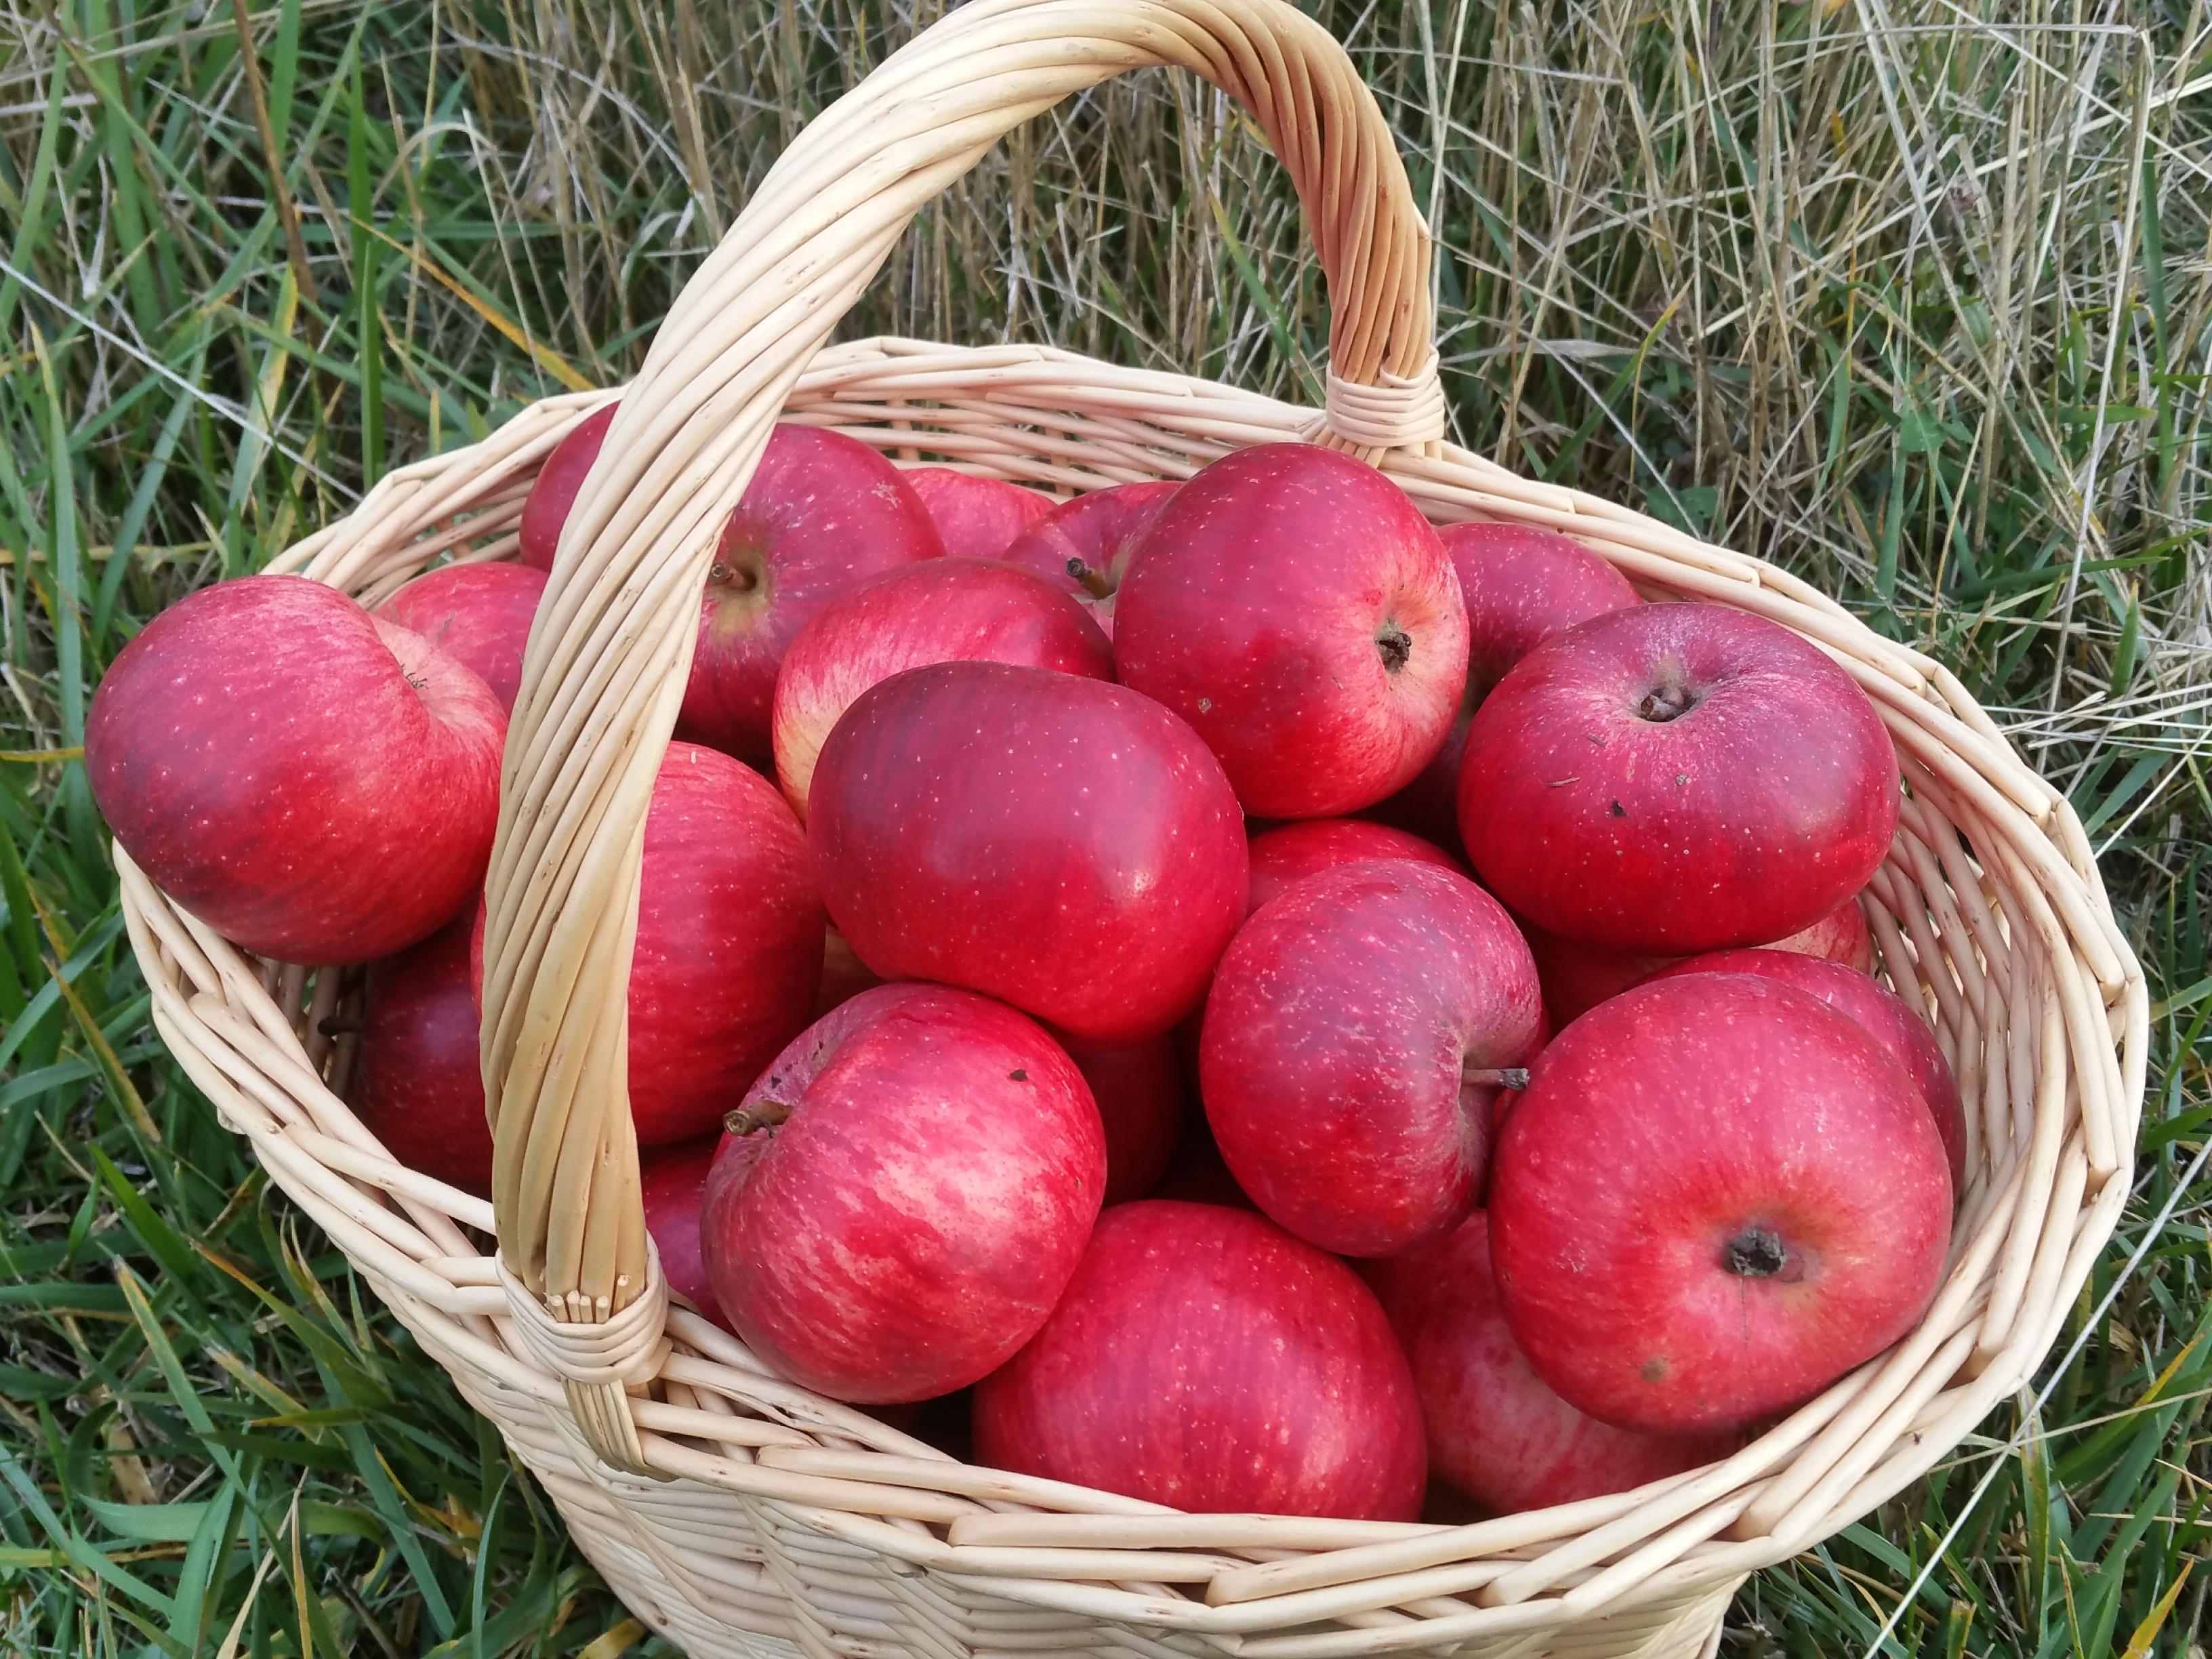 Фото с яблоками в корзине